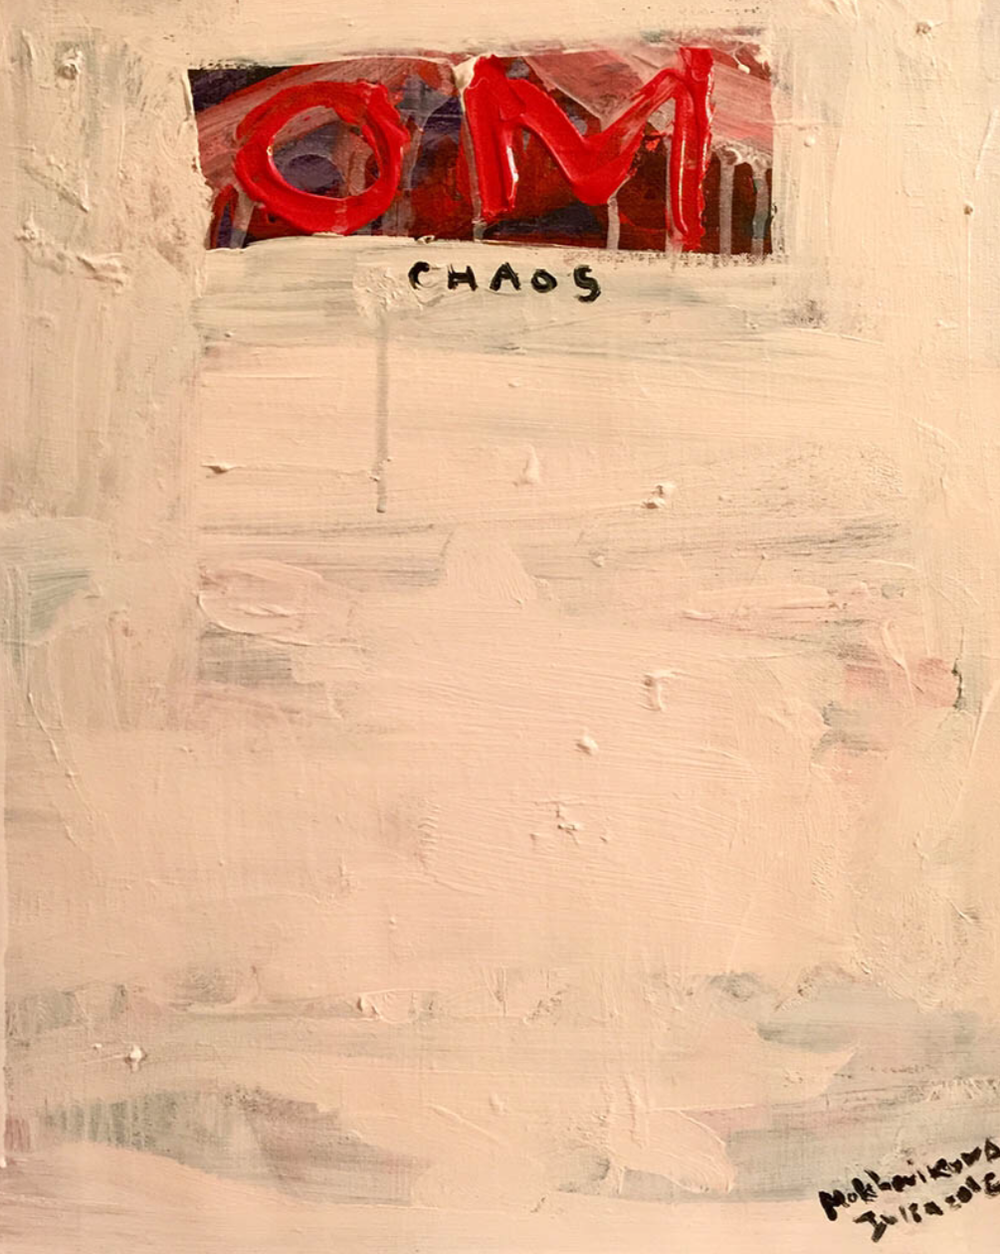 om chaos / canvas, acrylic / 55x45cm / 2016